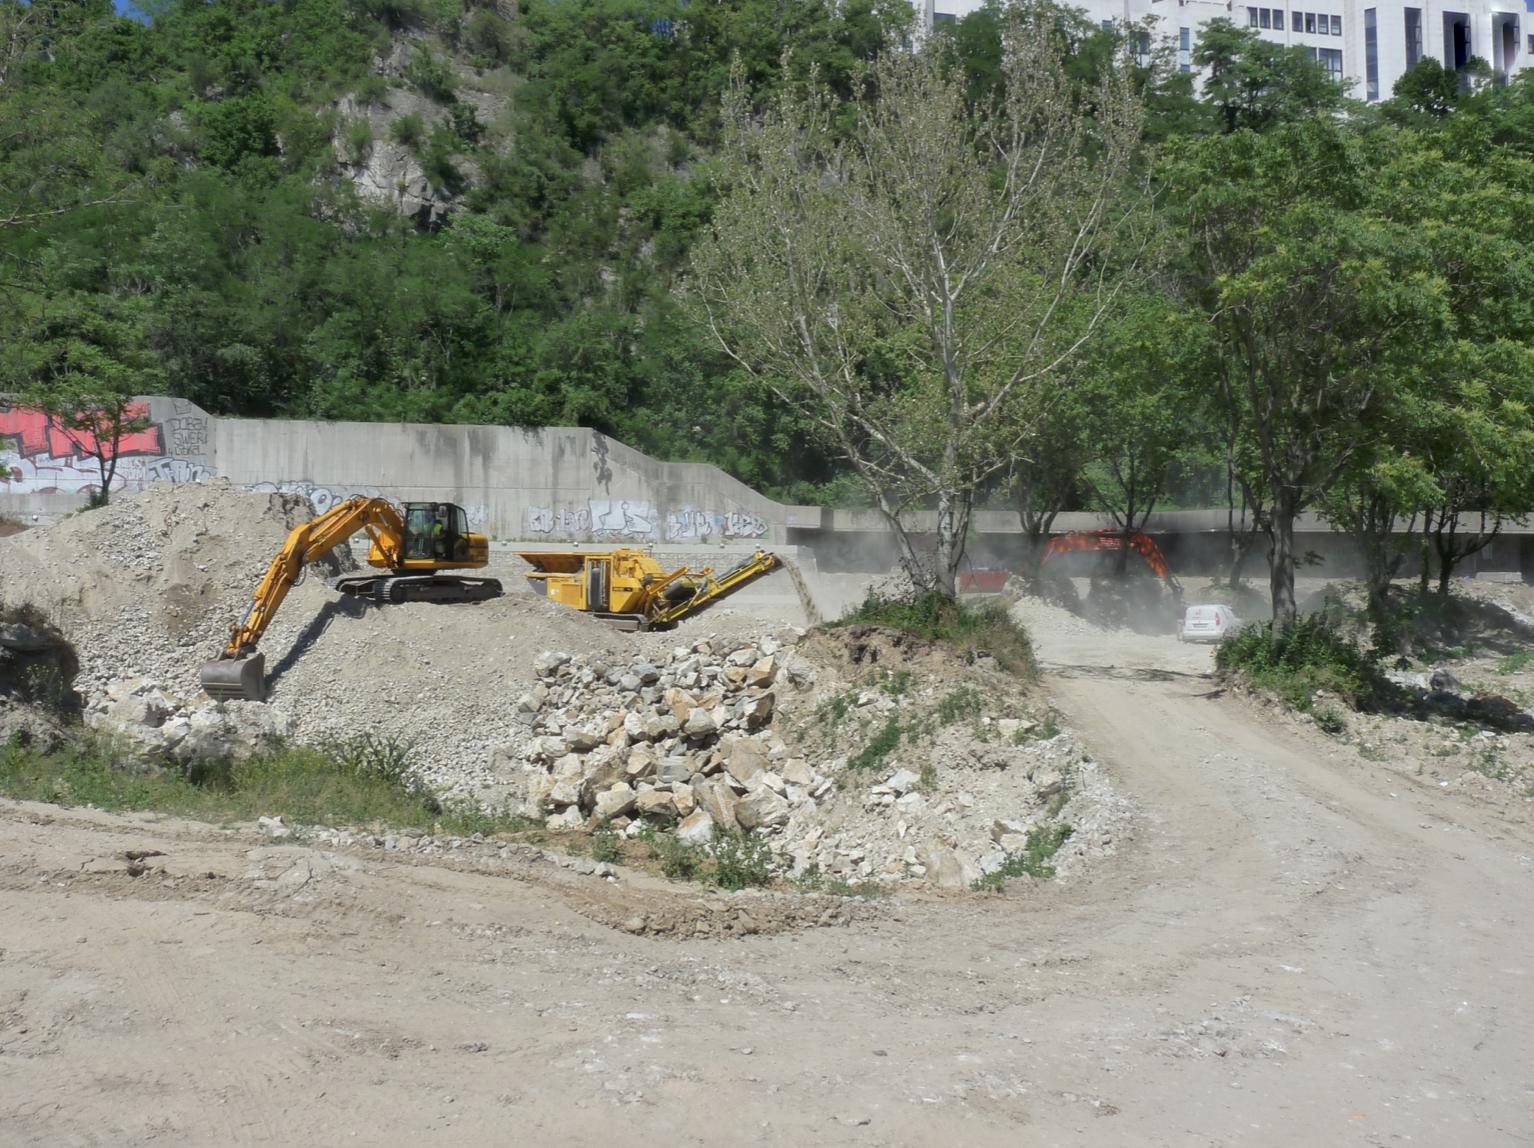 Recyklácia betónov pre ďalšie využitie, Bratislava